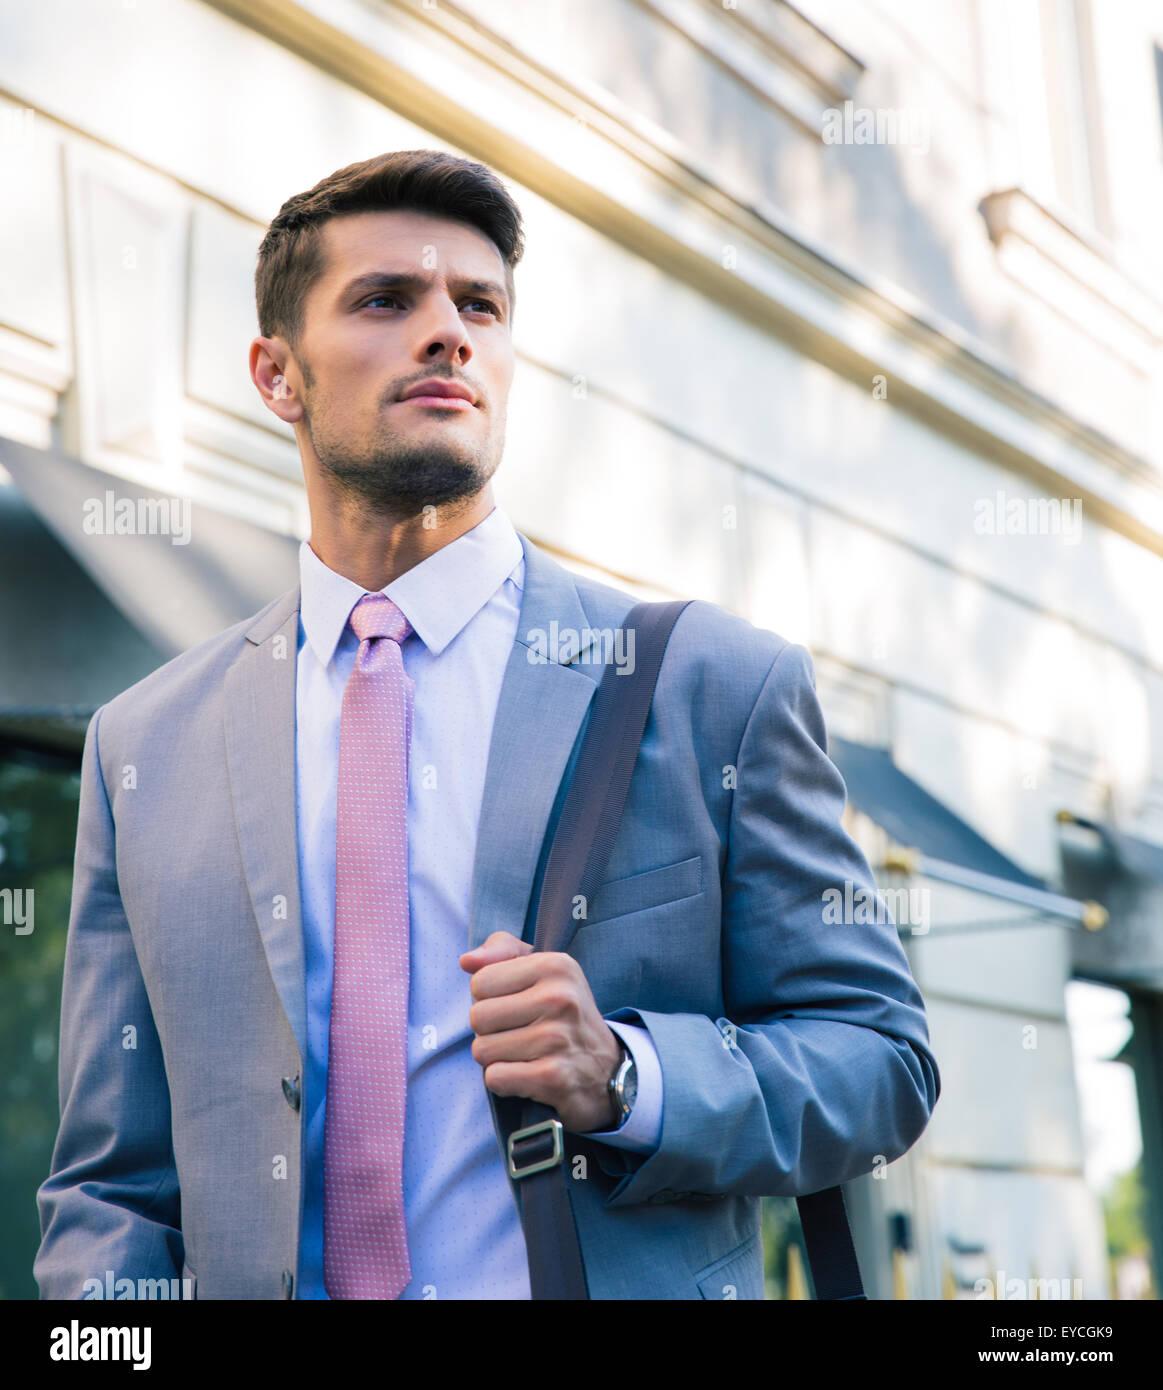 Retrato de un joven empresario de seguros caminando afuera de la ciudad Imagen De Stock